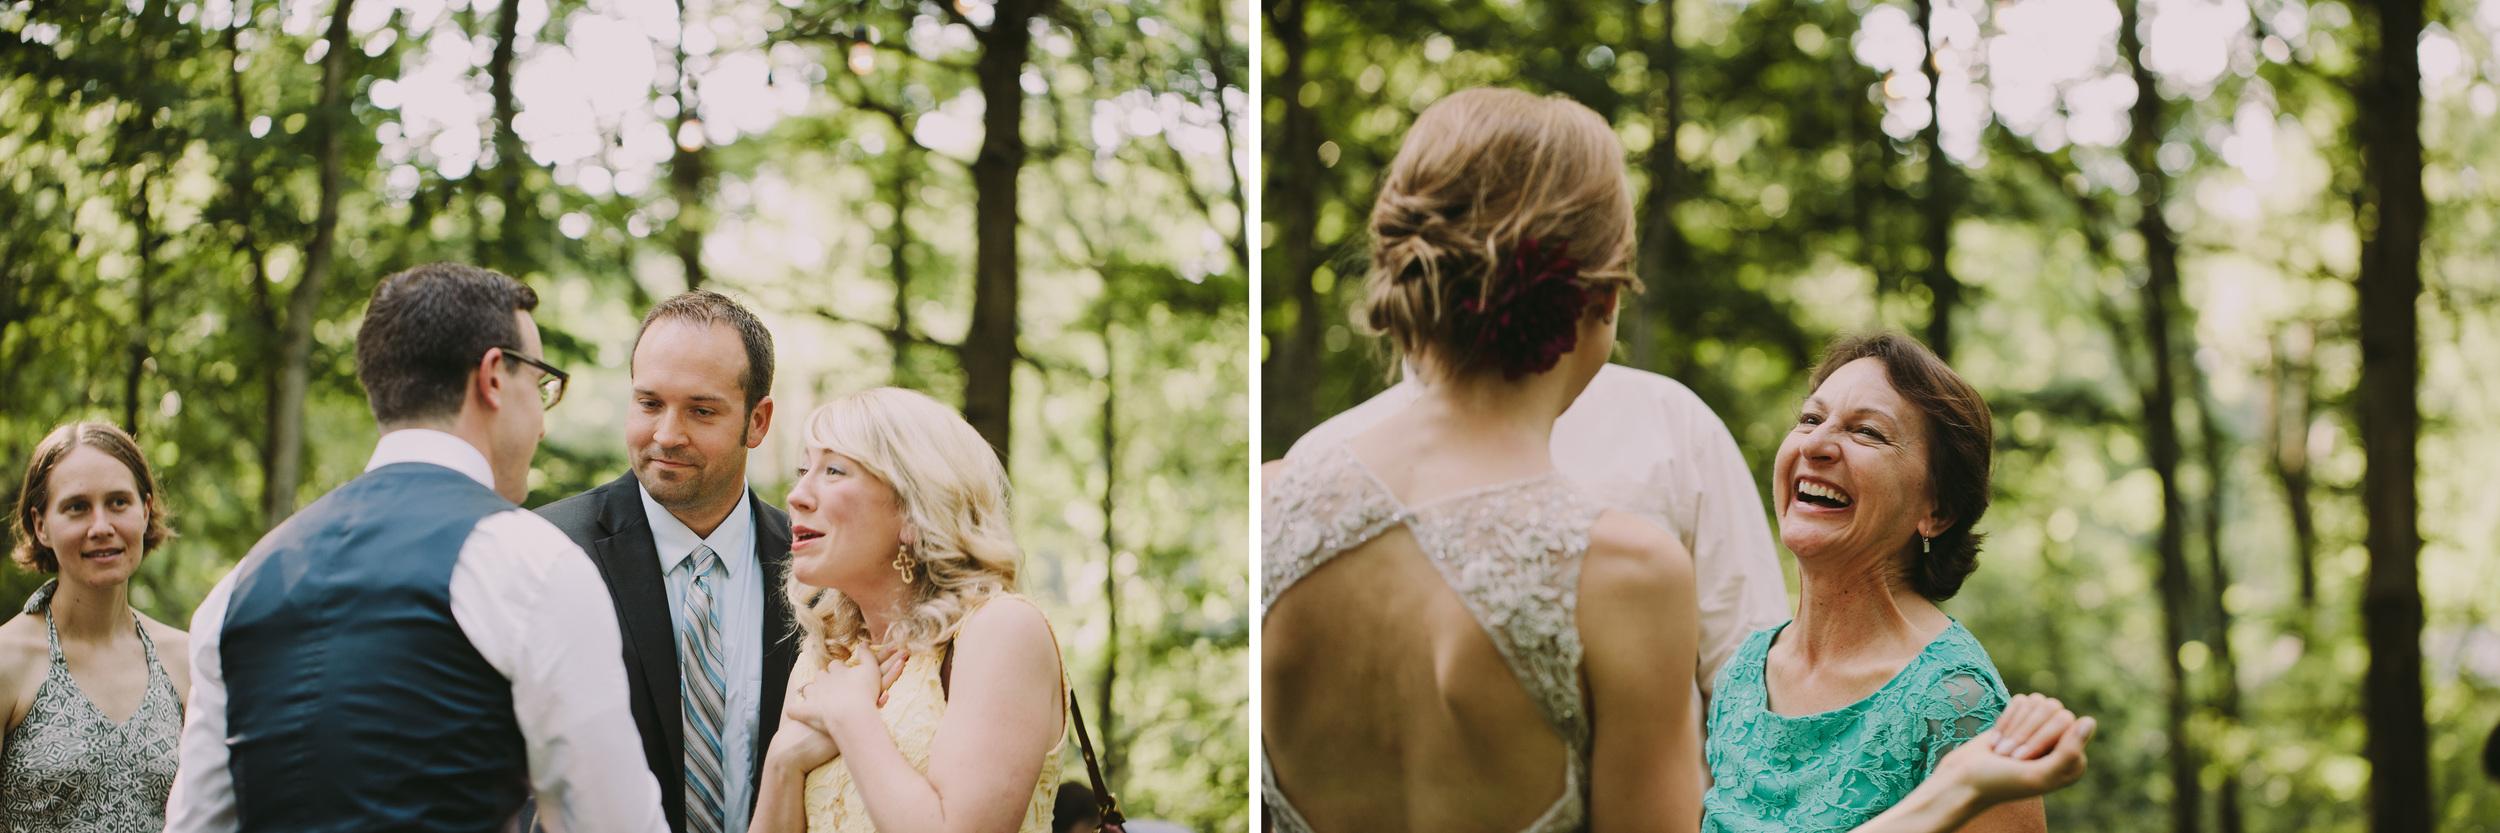 Laura + Mark Wedding Nashville Wedding Photographer Photography Anthology-134 copy.jpg